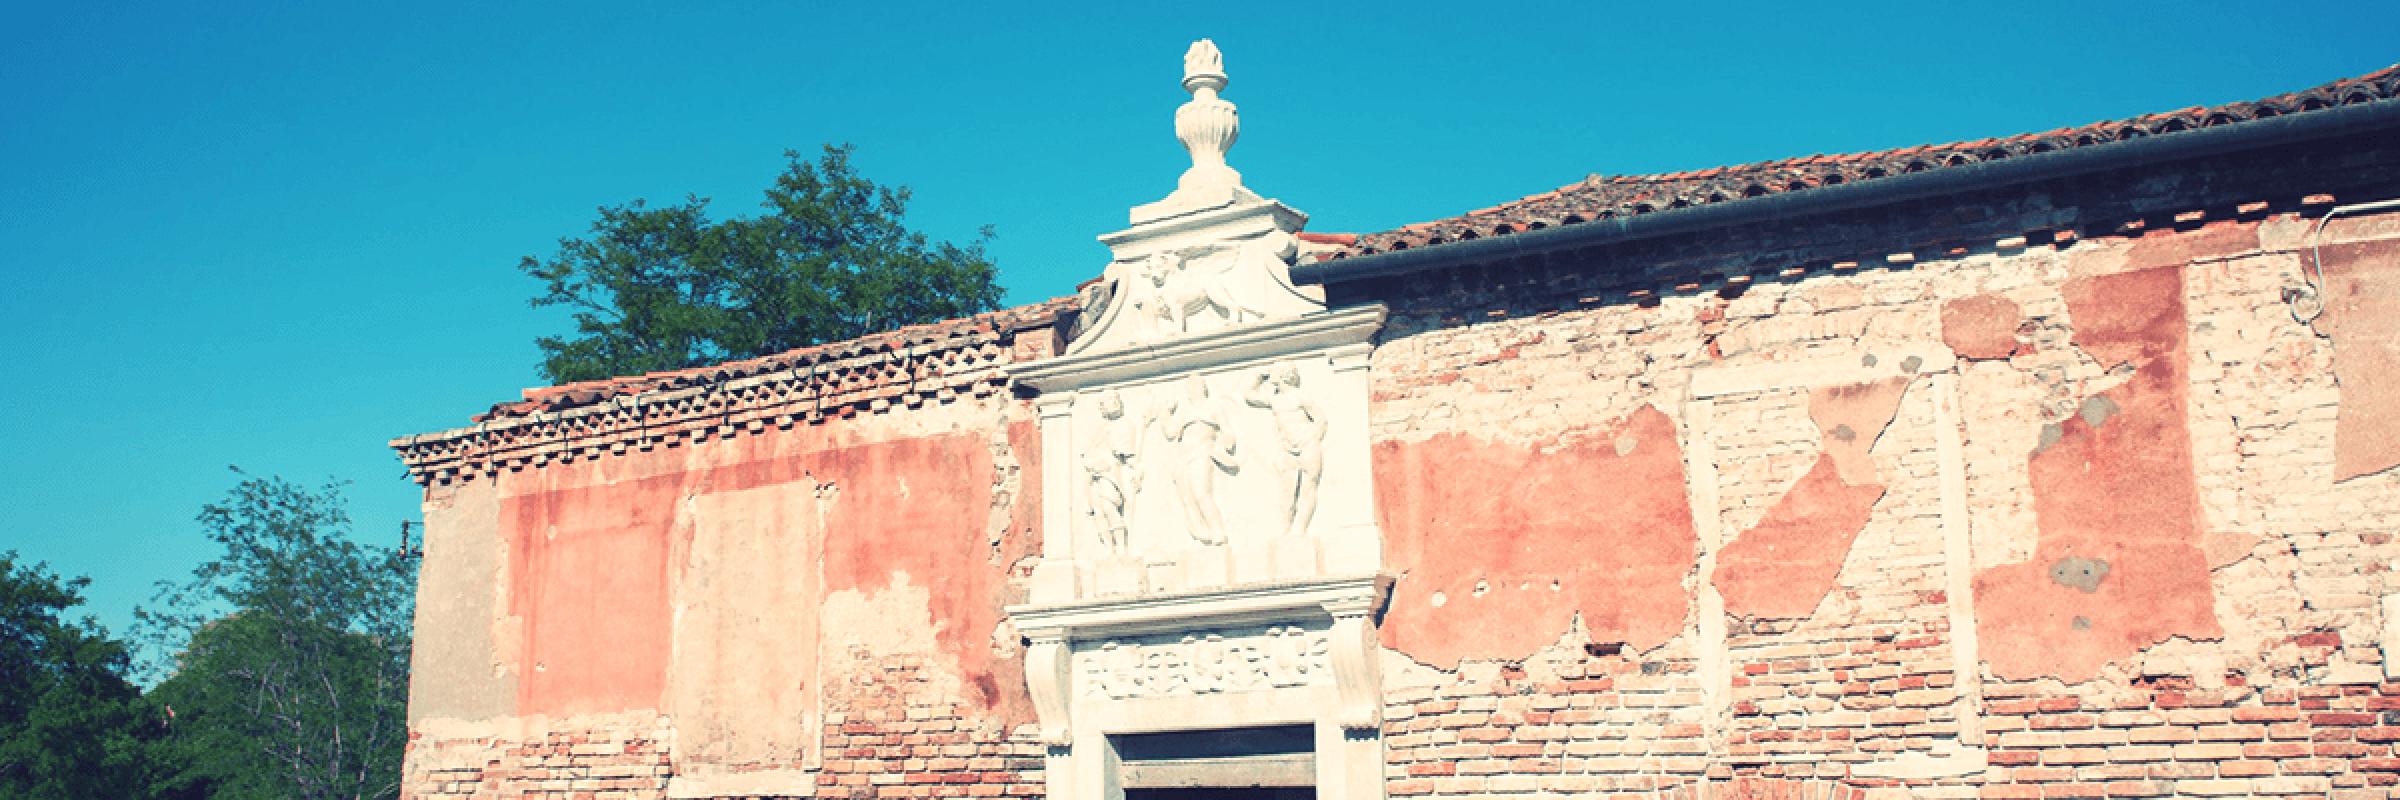 Il portale marmoreo dell'Ospitale, con la raffigurazione di Cristo Redentore tra San Rocco e San Sebastiano, insieme ai tre stemmi dei Provveditori alla Sanità. — (Archivio Venipedia/Bazzmann)